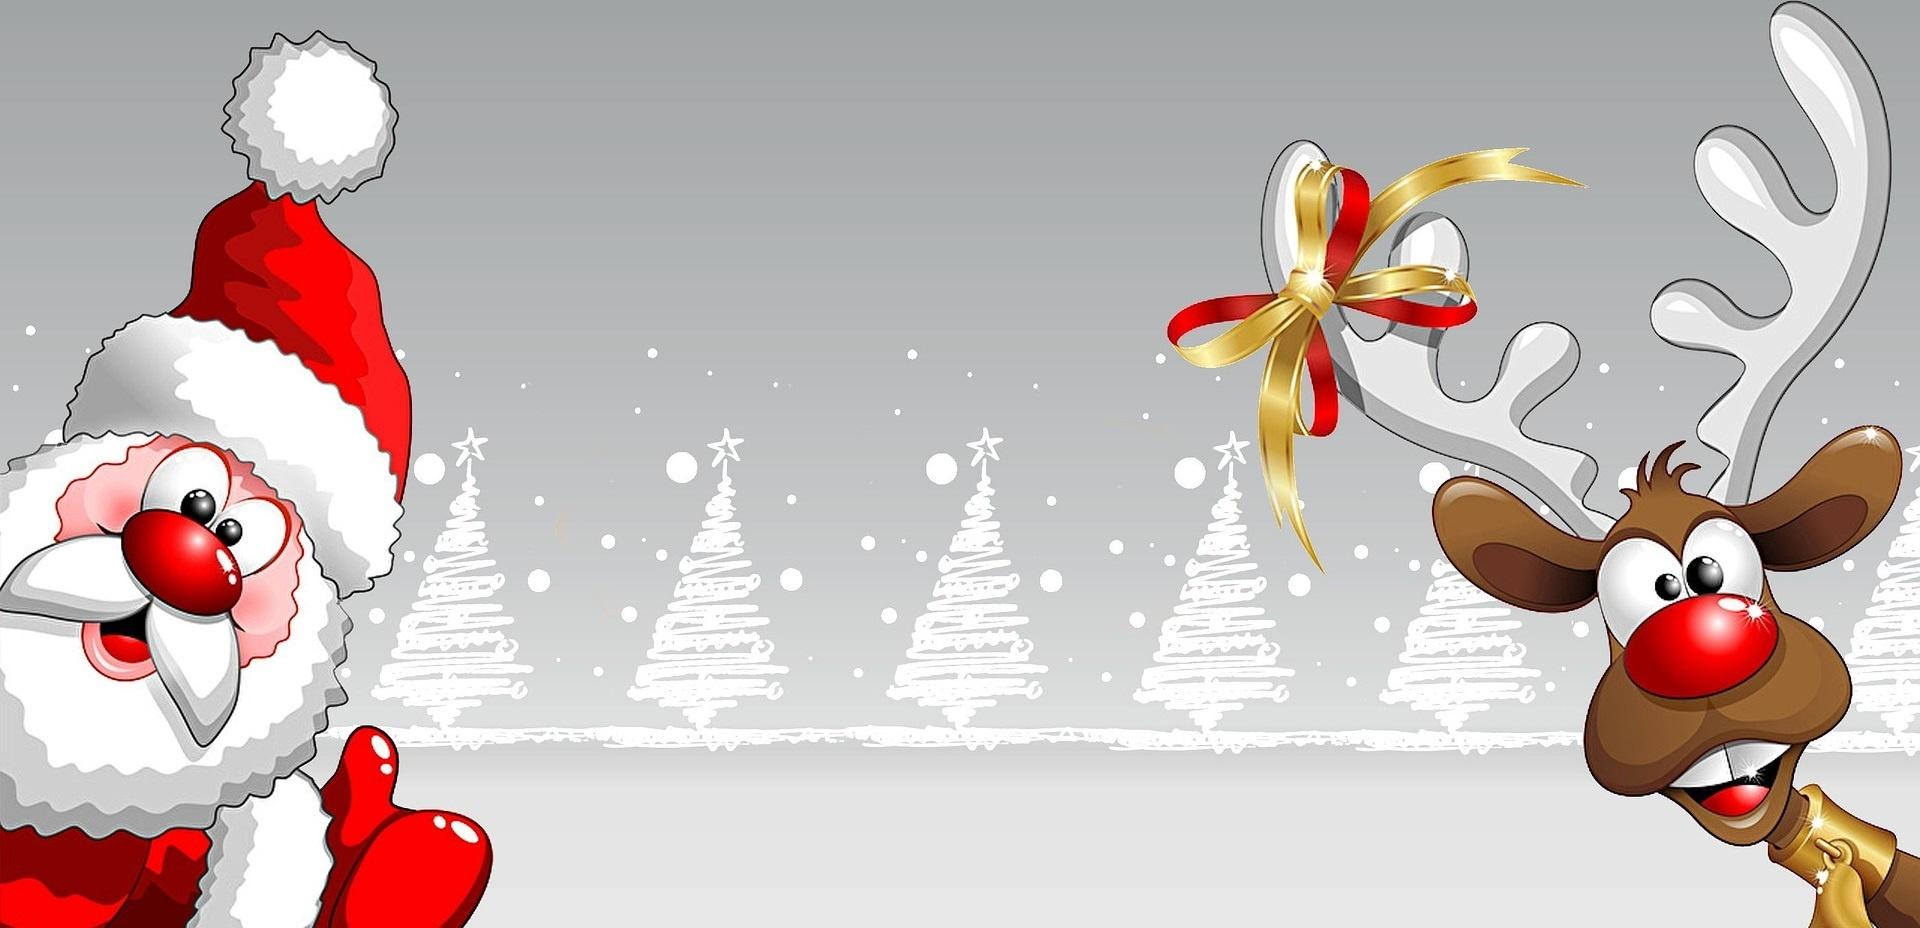 10//20//30//50//100 St/ück Einmal Erwachsene Mundschutz Weihnachtsmotiv Silvester Drucken Atmungsaktiv Mund Und Nasenschutz bunt Staubdicht Bandana Halstuch 10 PC